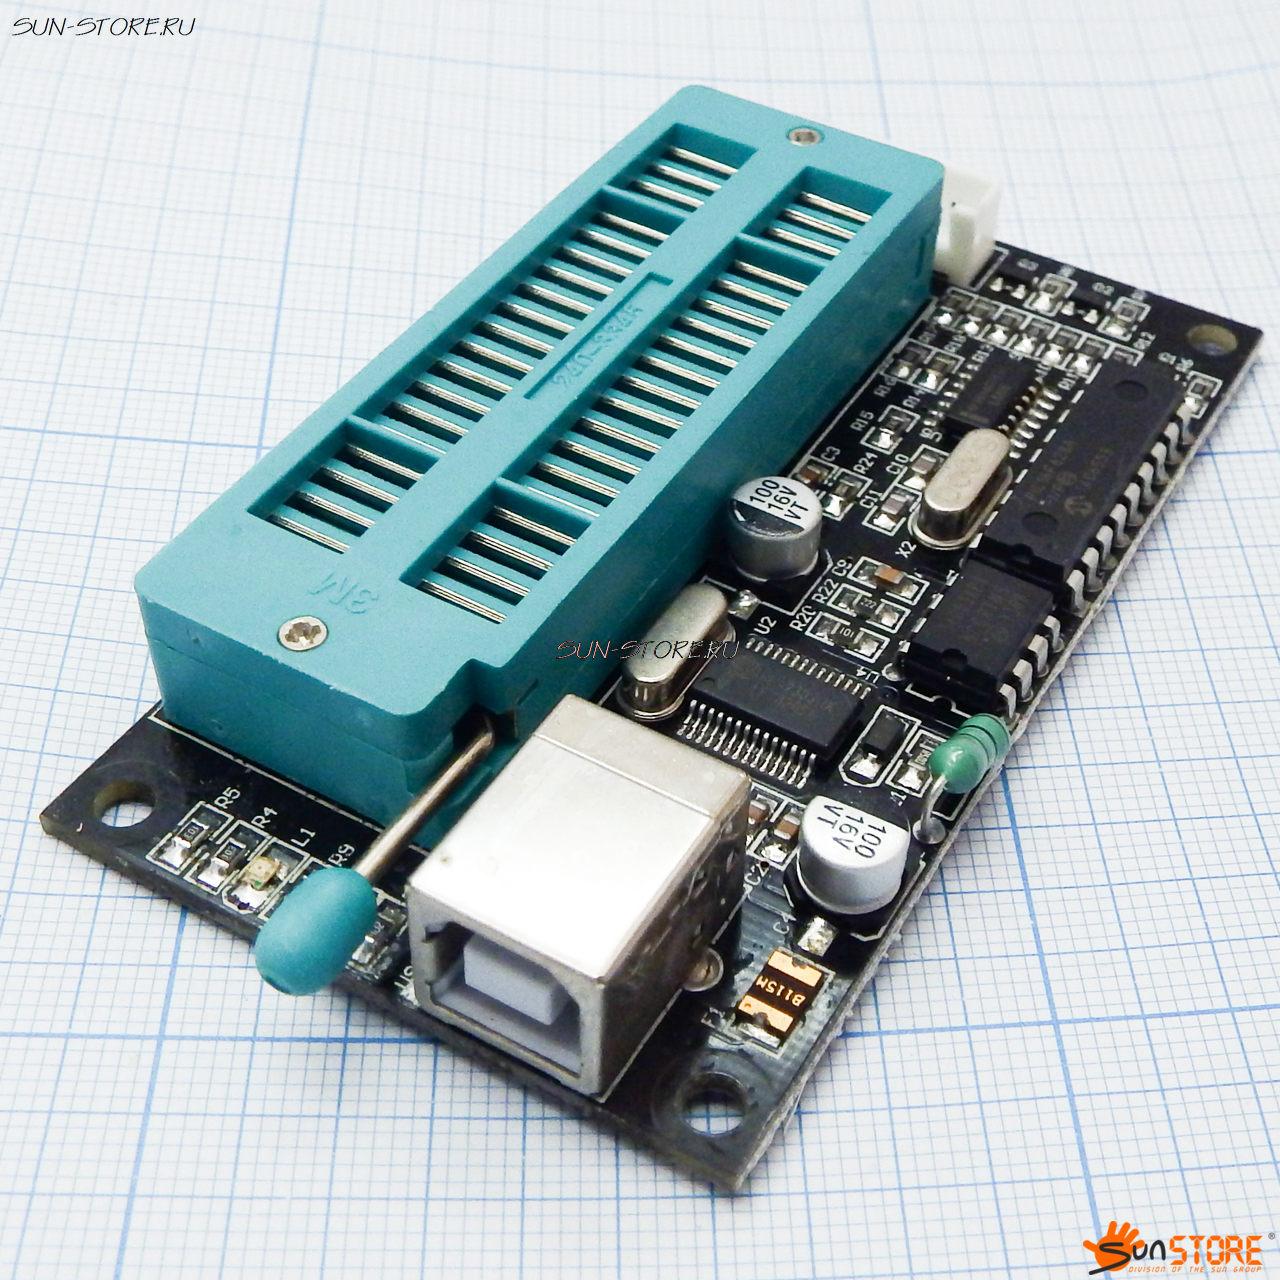 Программатор для контроллера своими руками